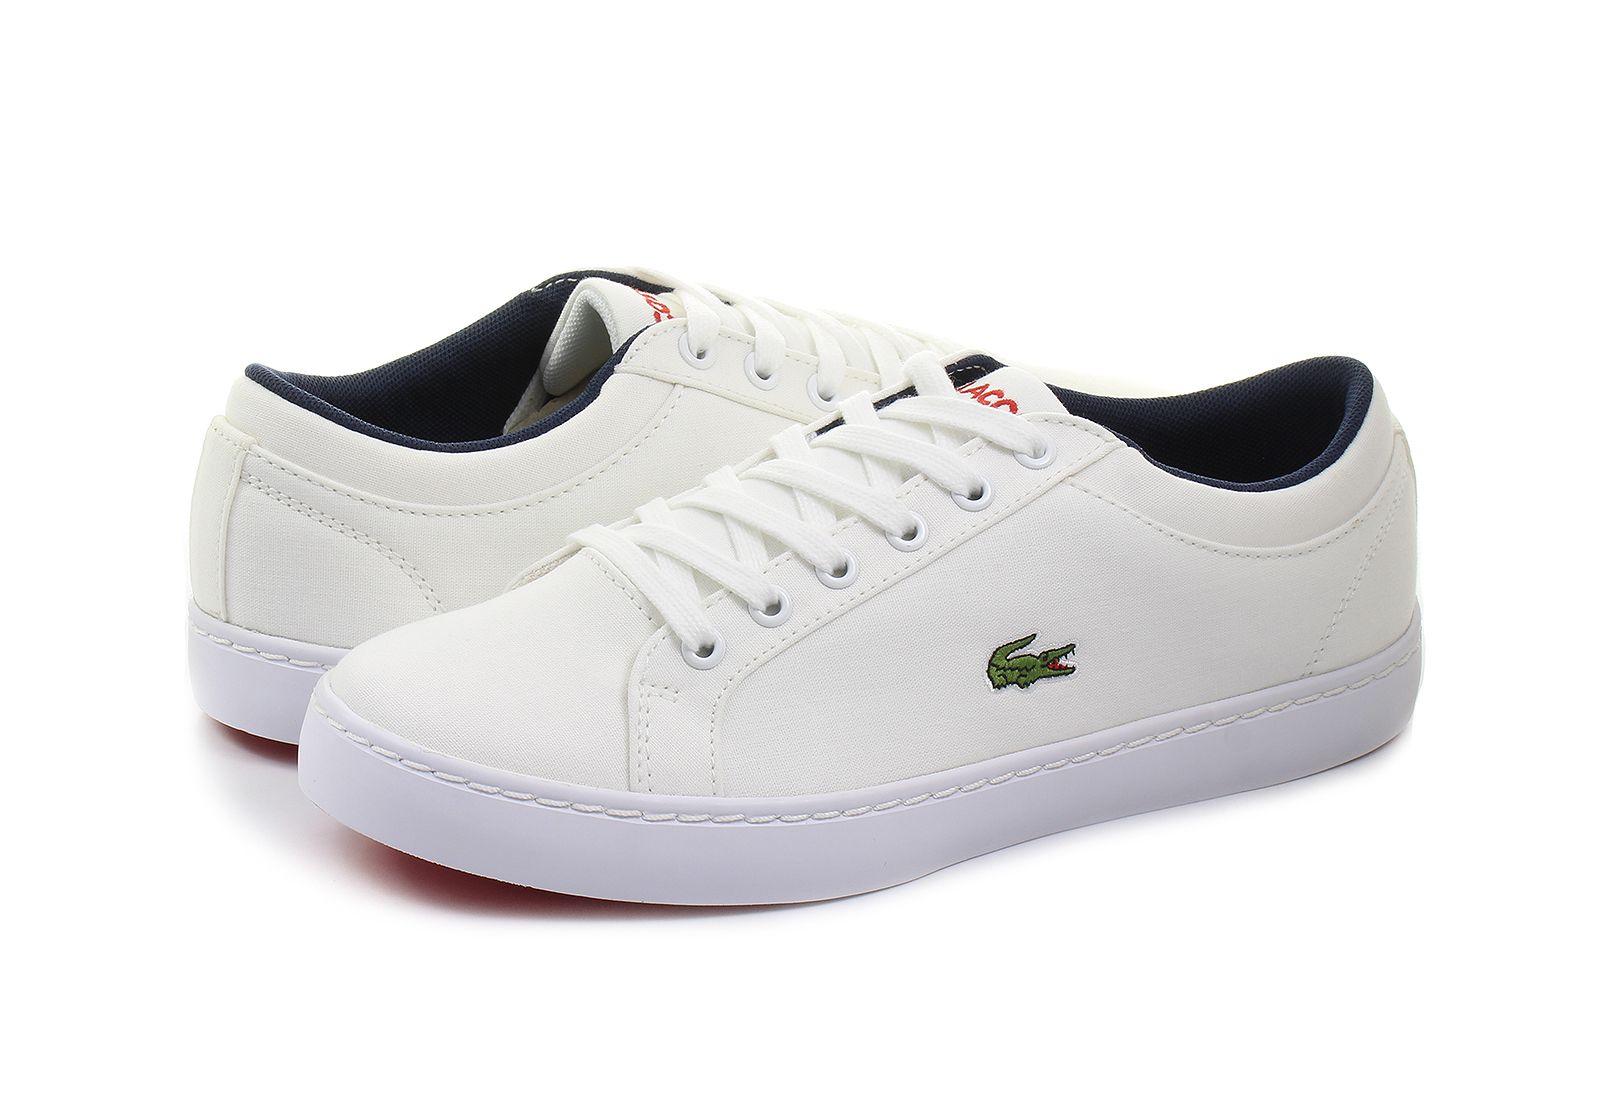 Lacoste Cipő - Straightset Lace - 171caj1036-001 - Office Shoes ... 7343324da2